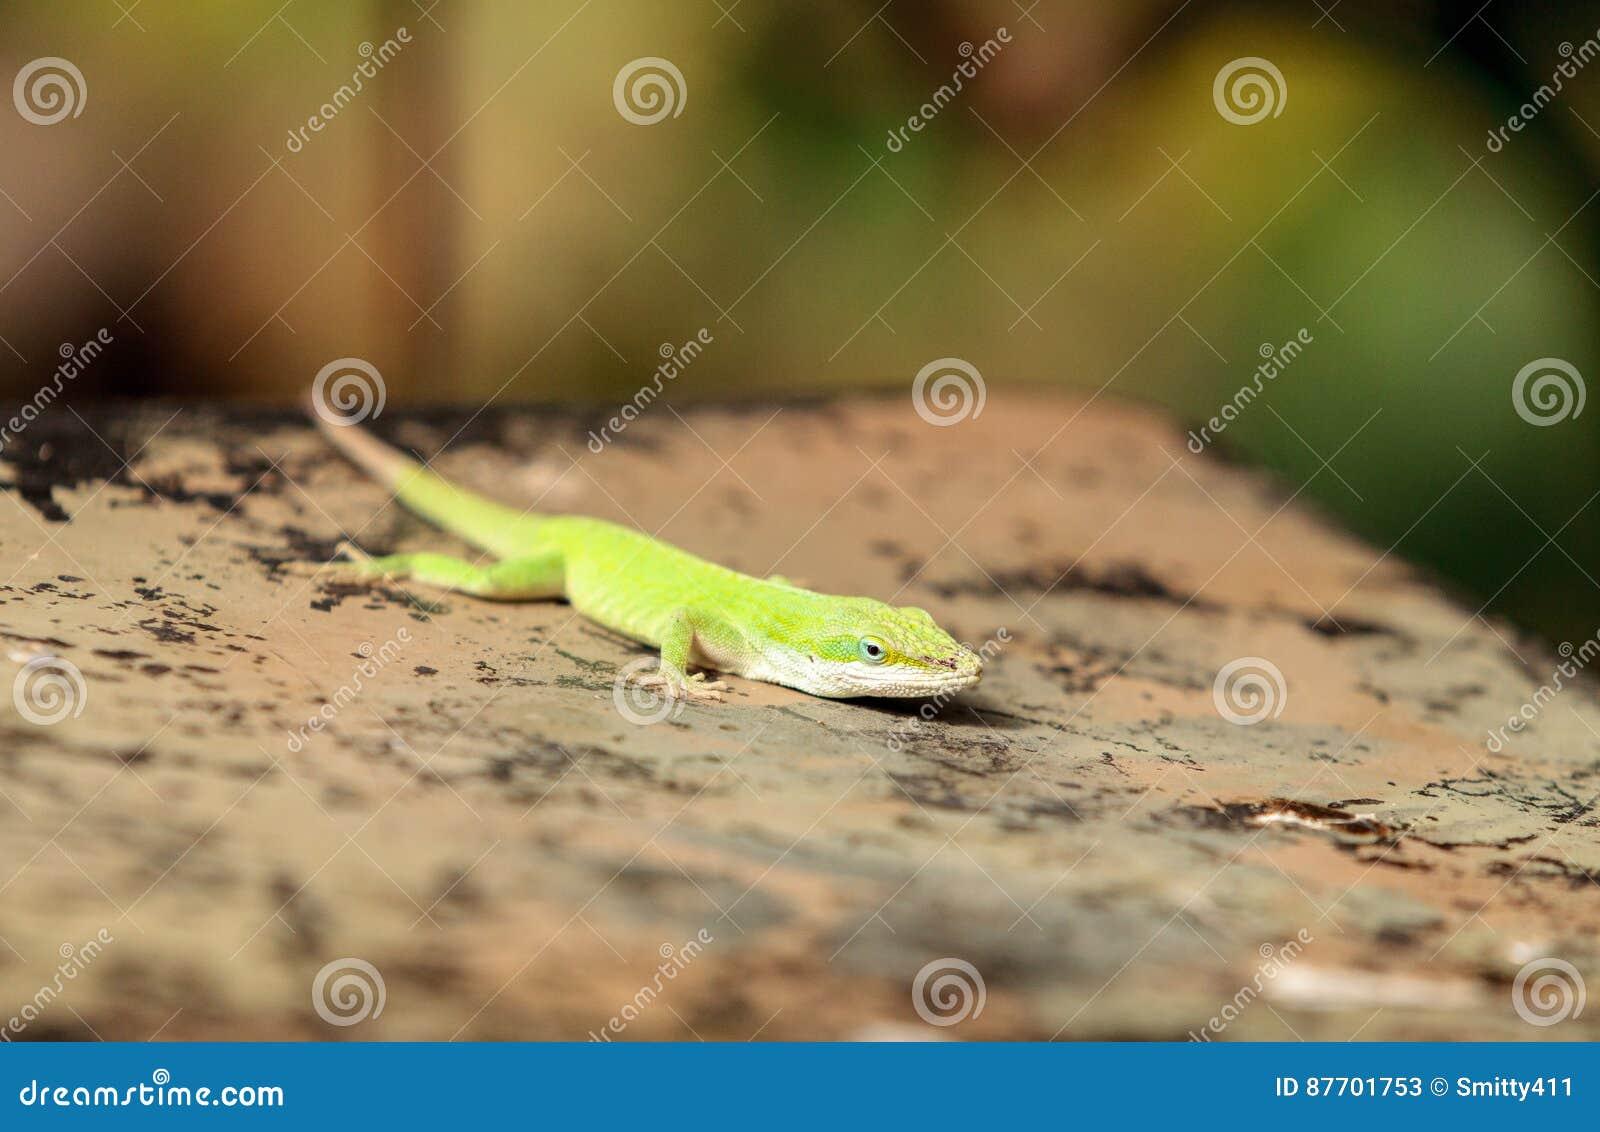 Anole vert scientifiquement connu sous le nom d Anolis Carolinensis